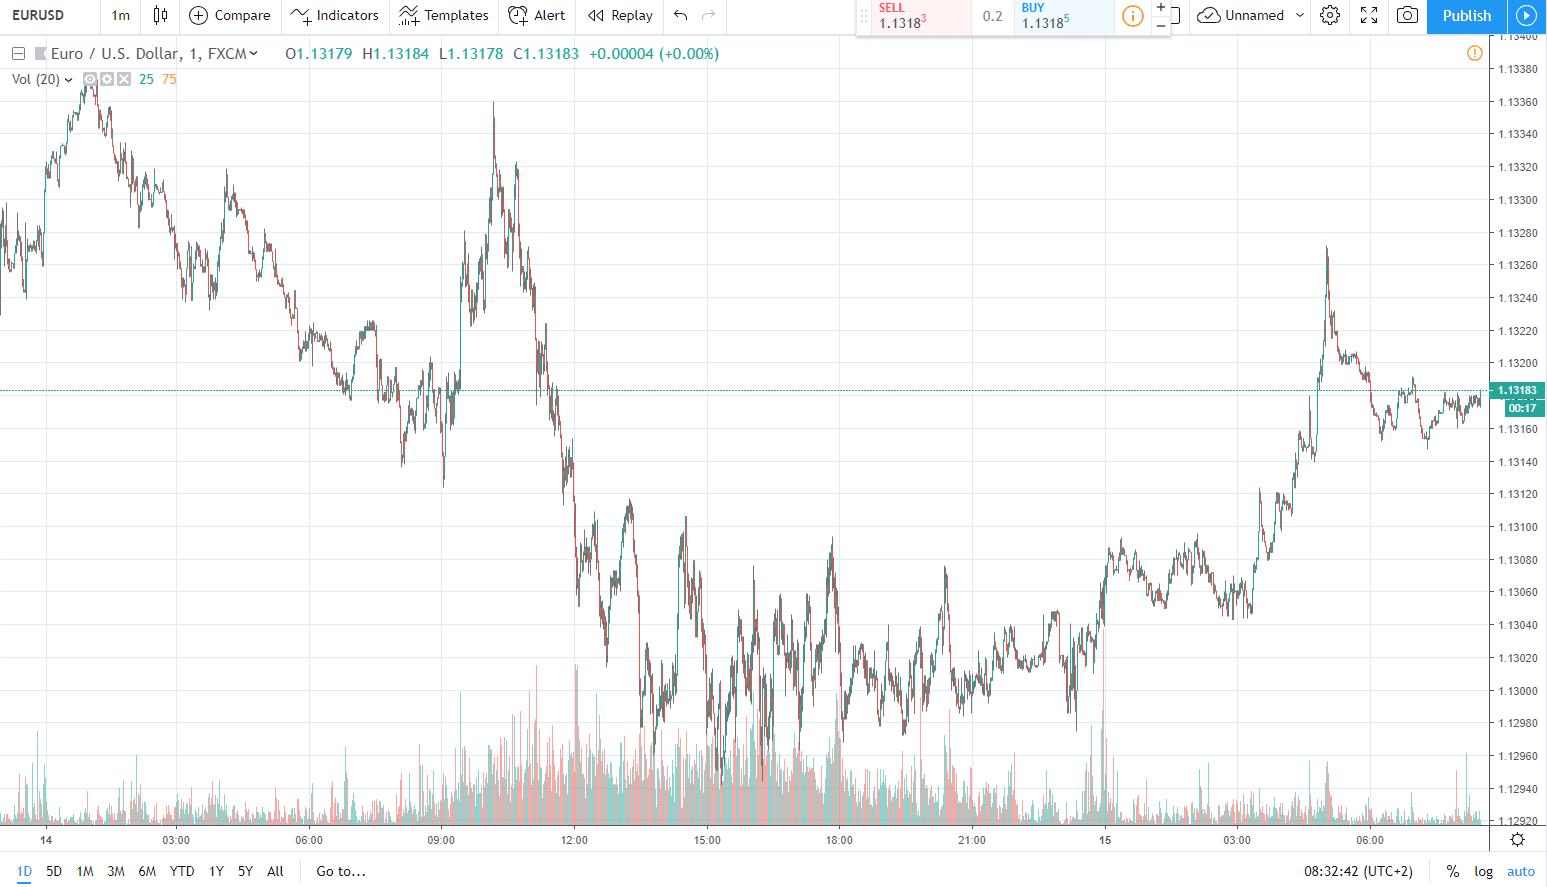 اليورو مقابل الدولار الأميركي 15.03.2019